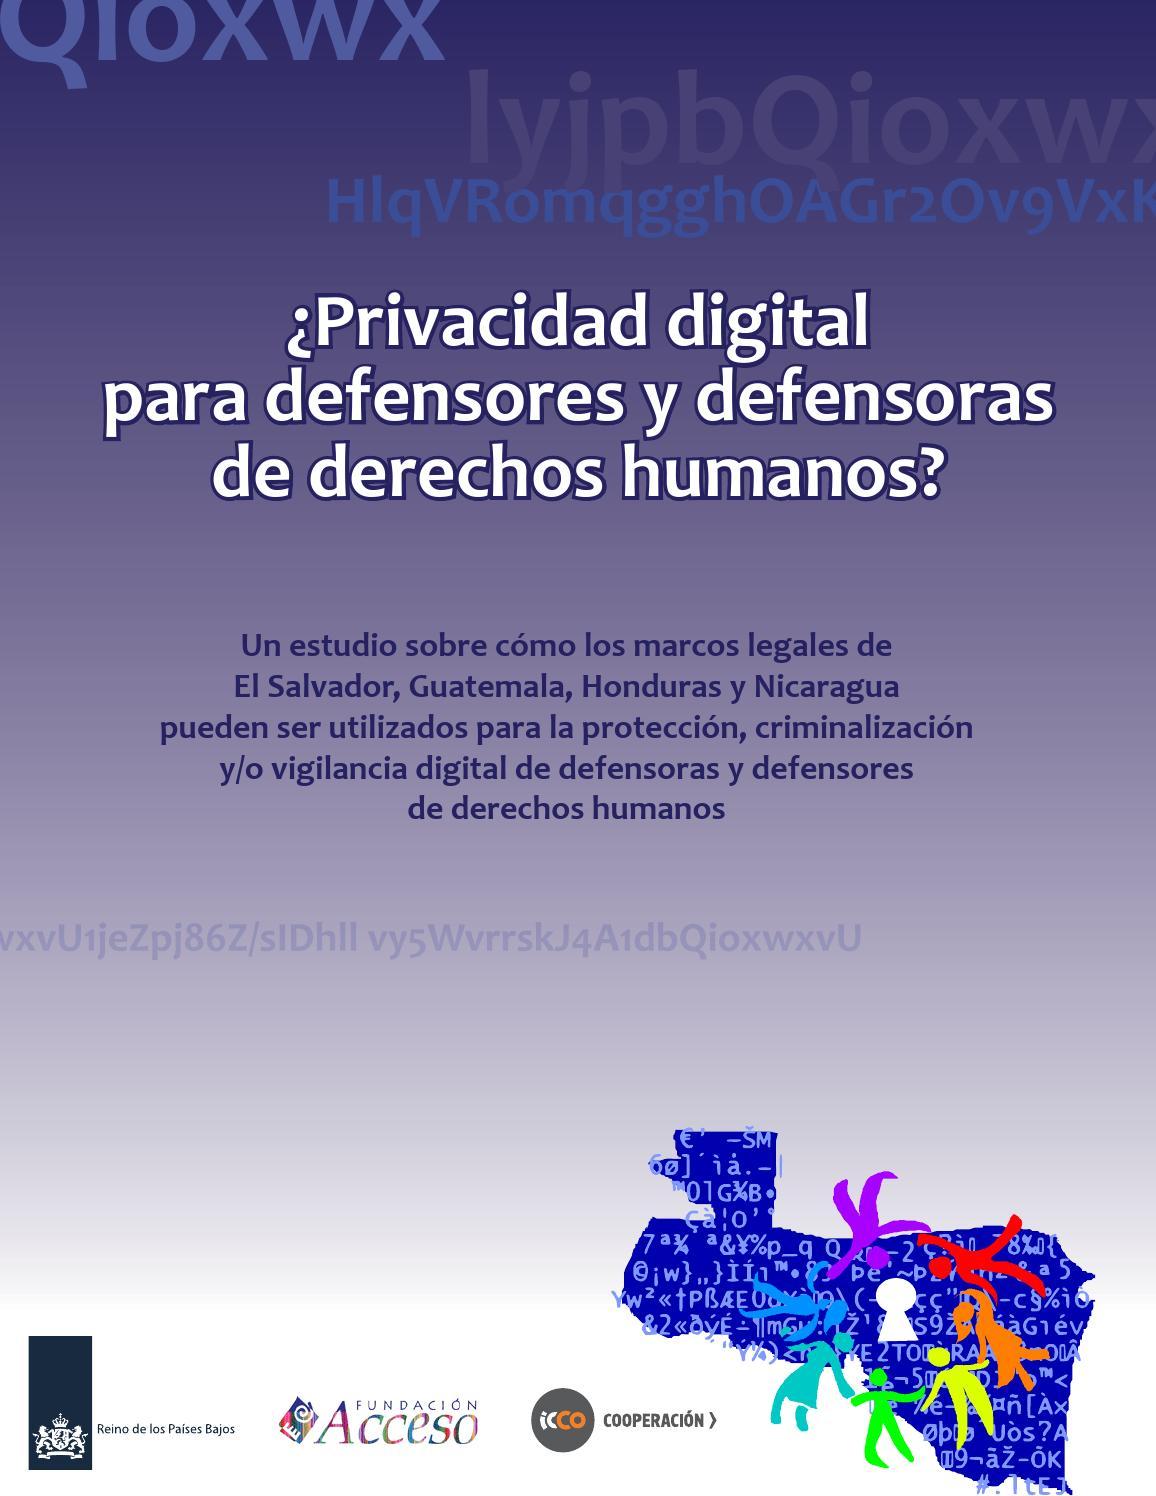 Investigacion privacidad digital fa by LIF.digital - issuu